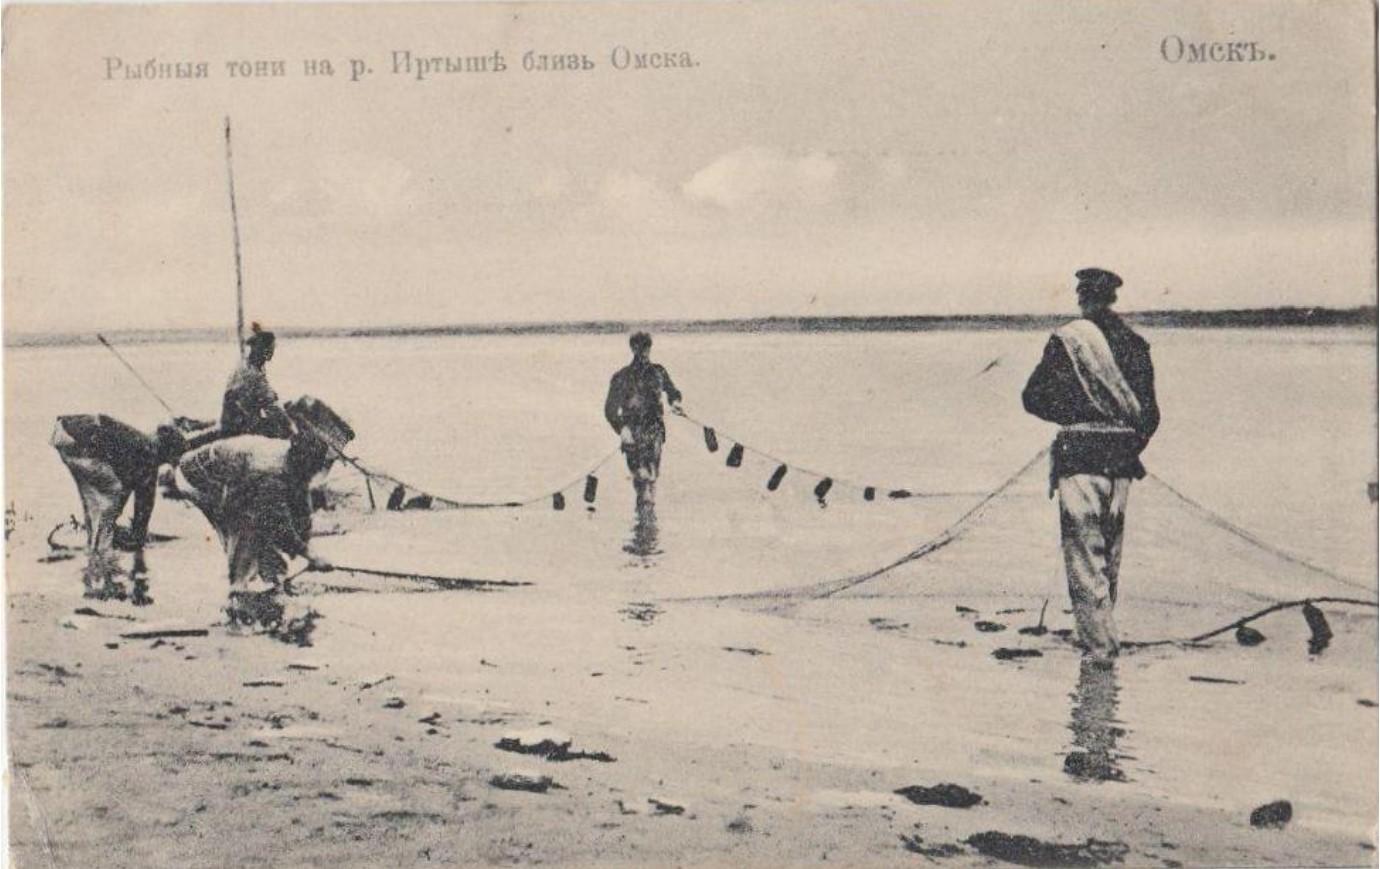 Рыбные тони на р. Иртыше близ Омска.2